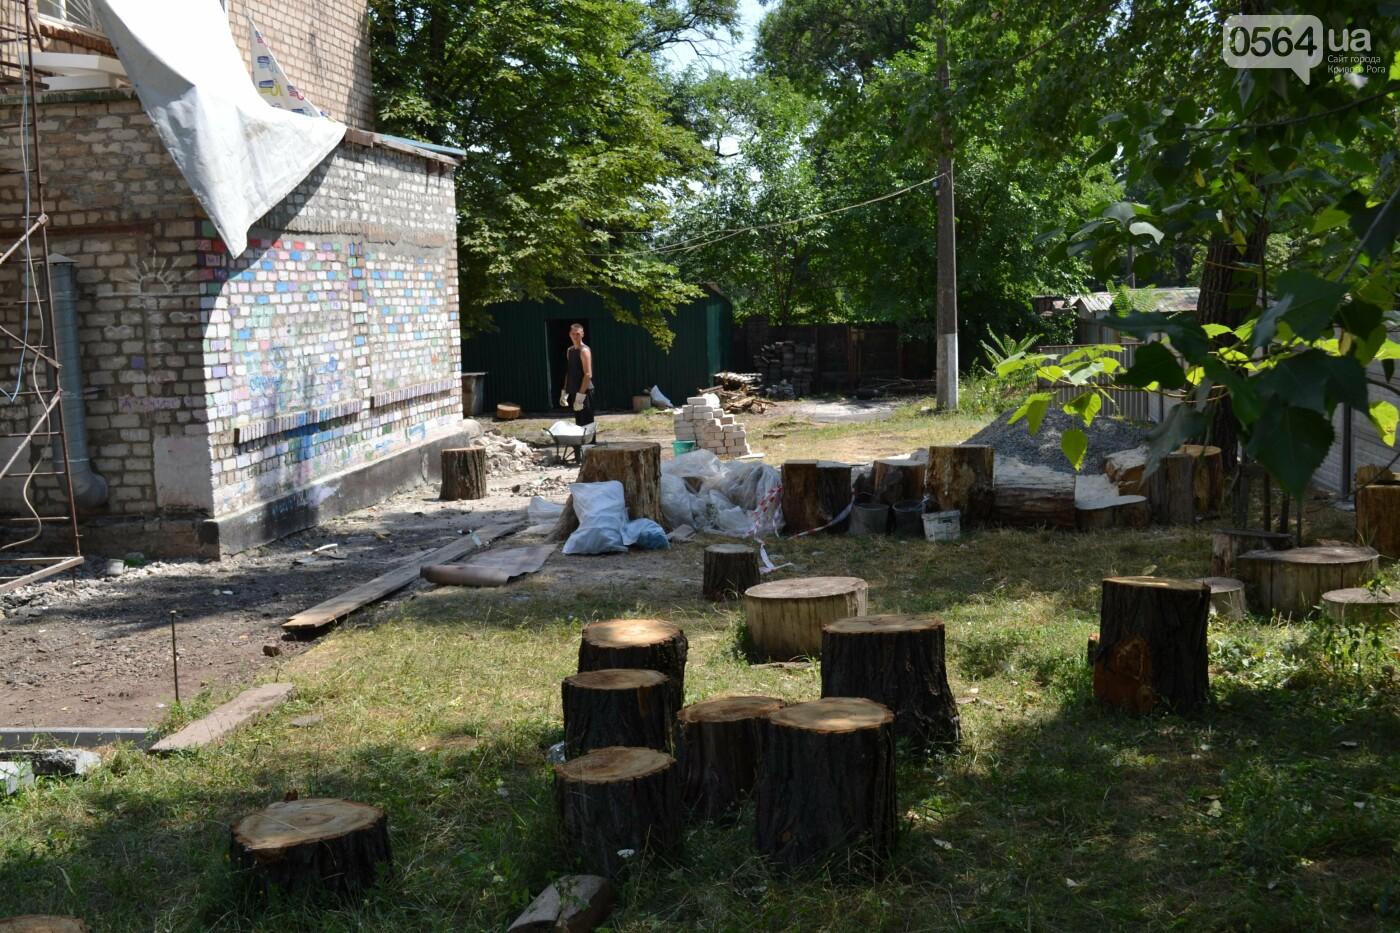 Криворожане продолжают трудиться над созданием уникального арт-пространства для детей и взрослых, - ФОТО, ВИДЕО, фото-27